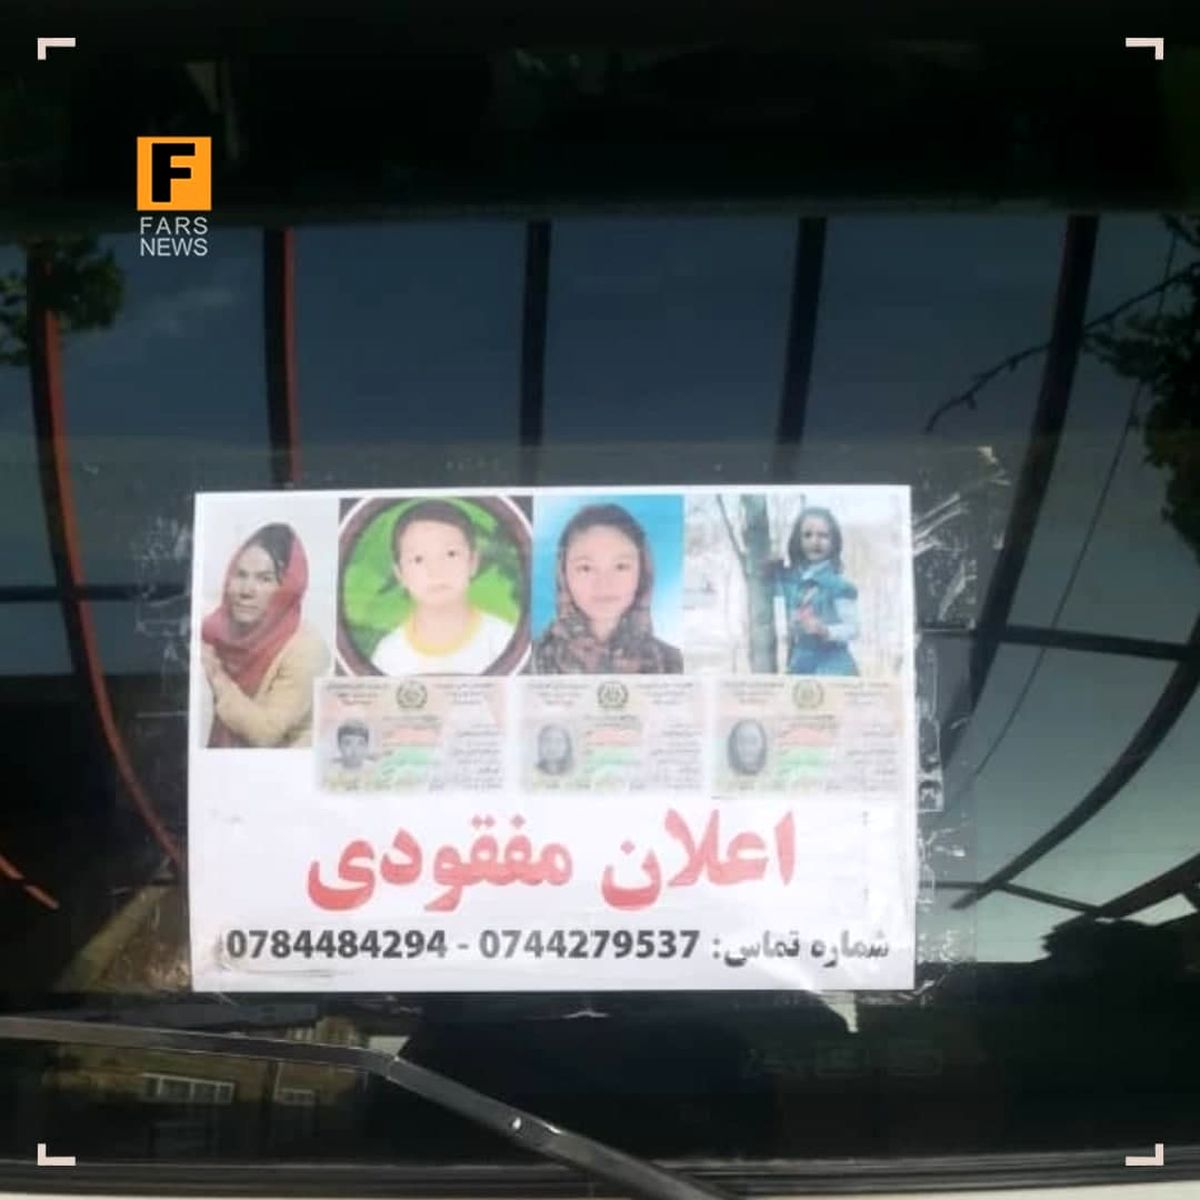 جان باختن تلخ زن اغان در فرودگاه کابل فرزندانش مفقود شدند